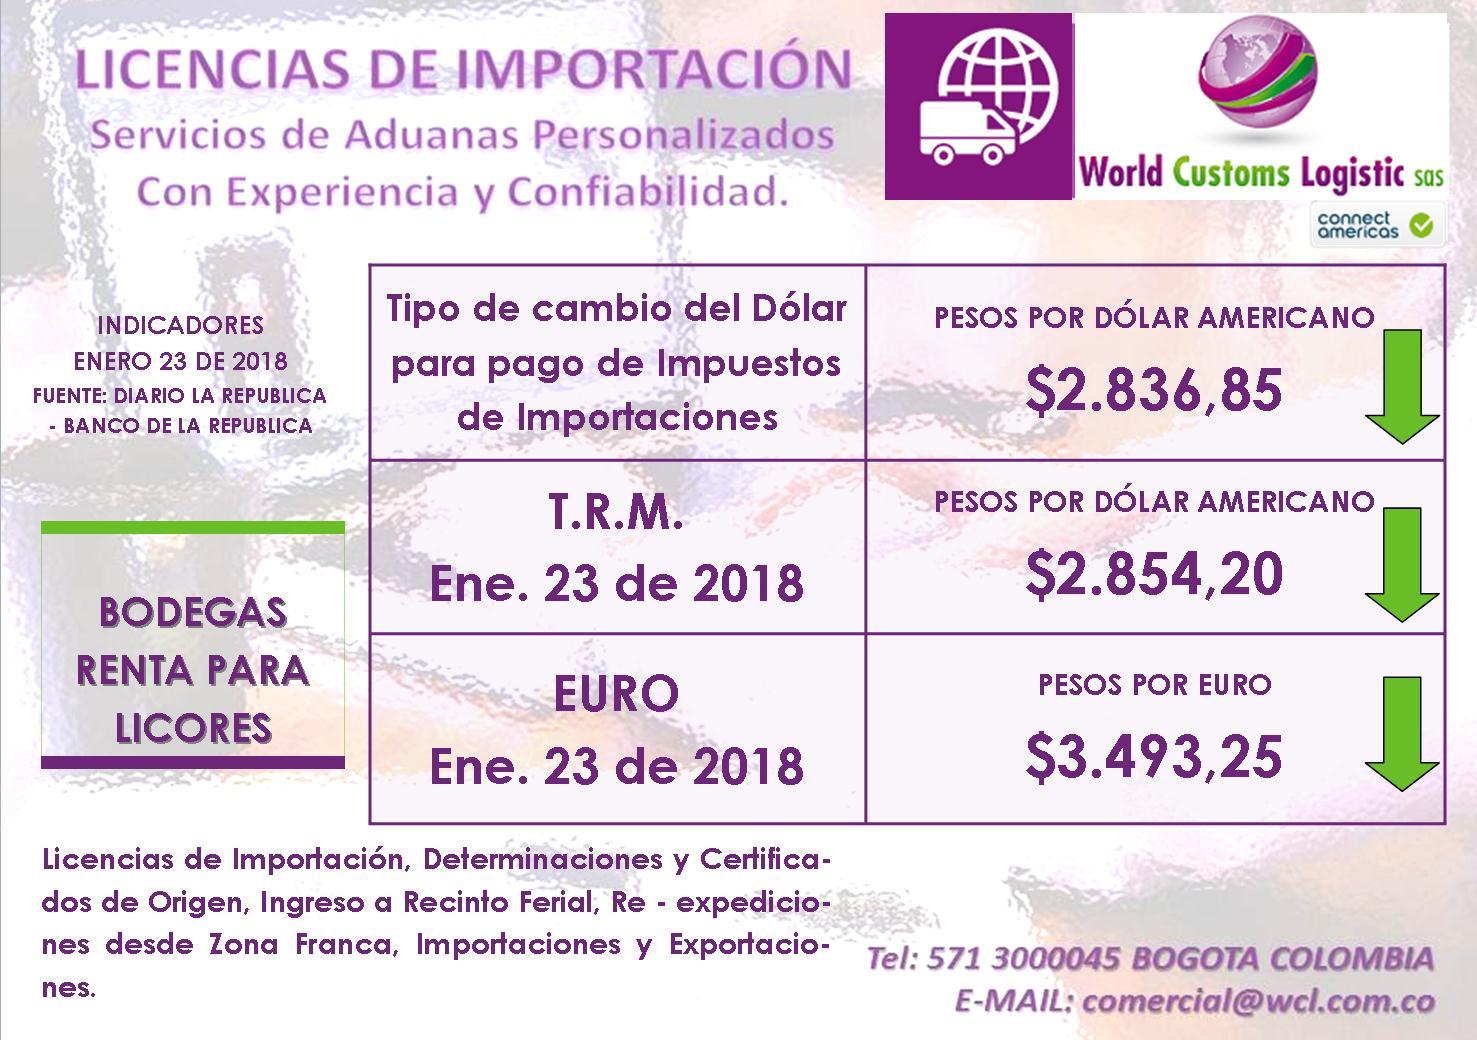 INDICADORES ENERO 23 2018